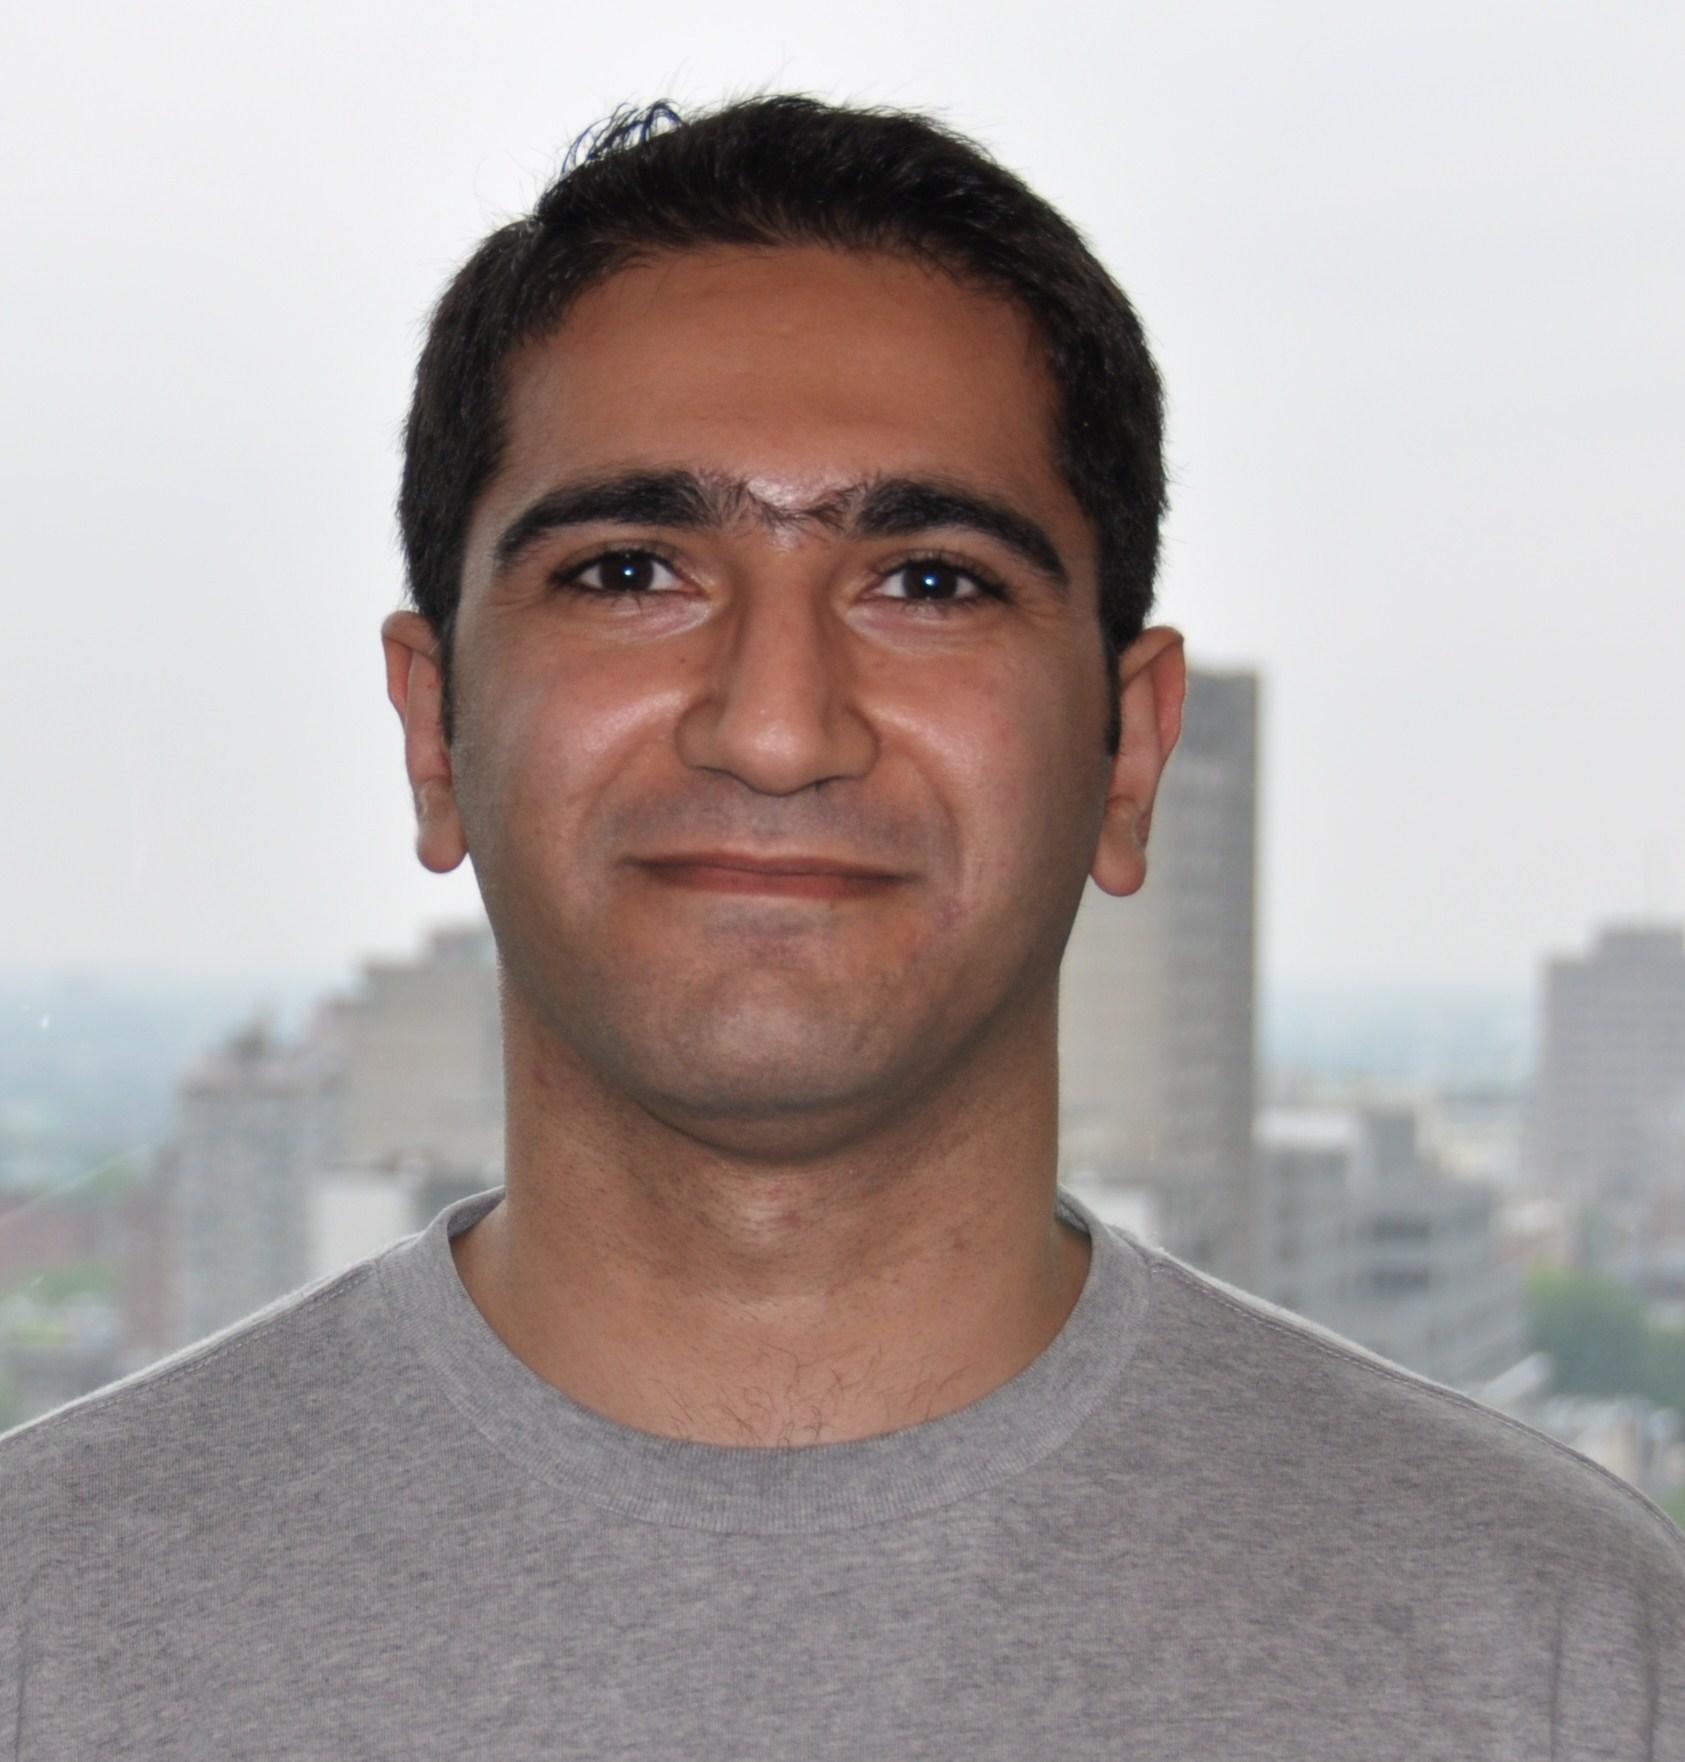 Ehsan alamdar2020 gmail com